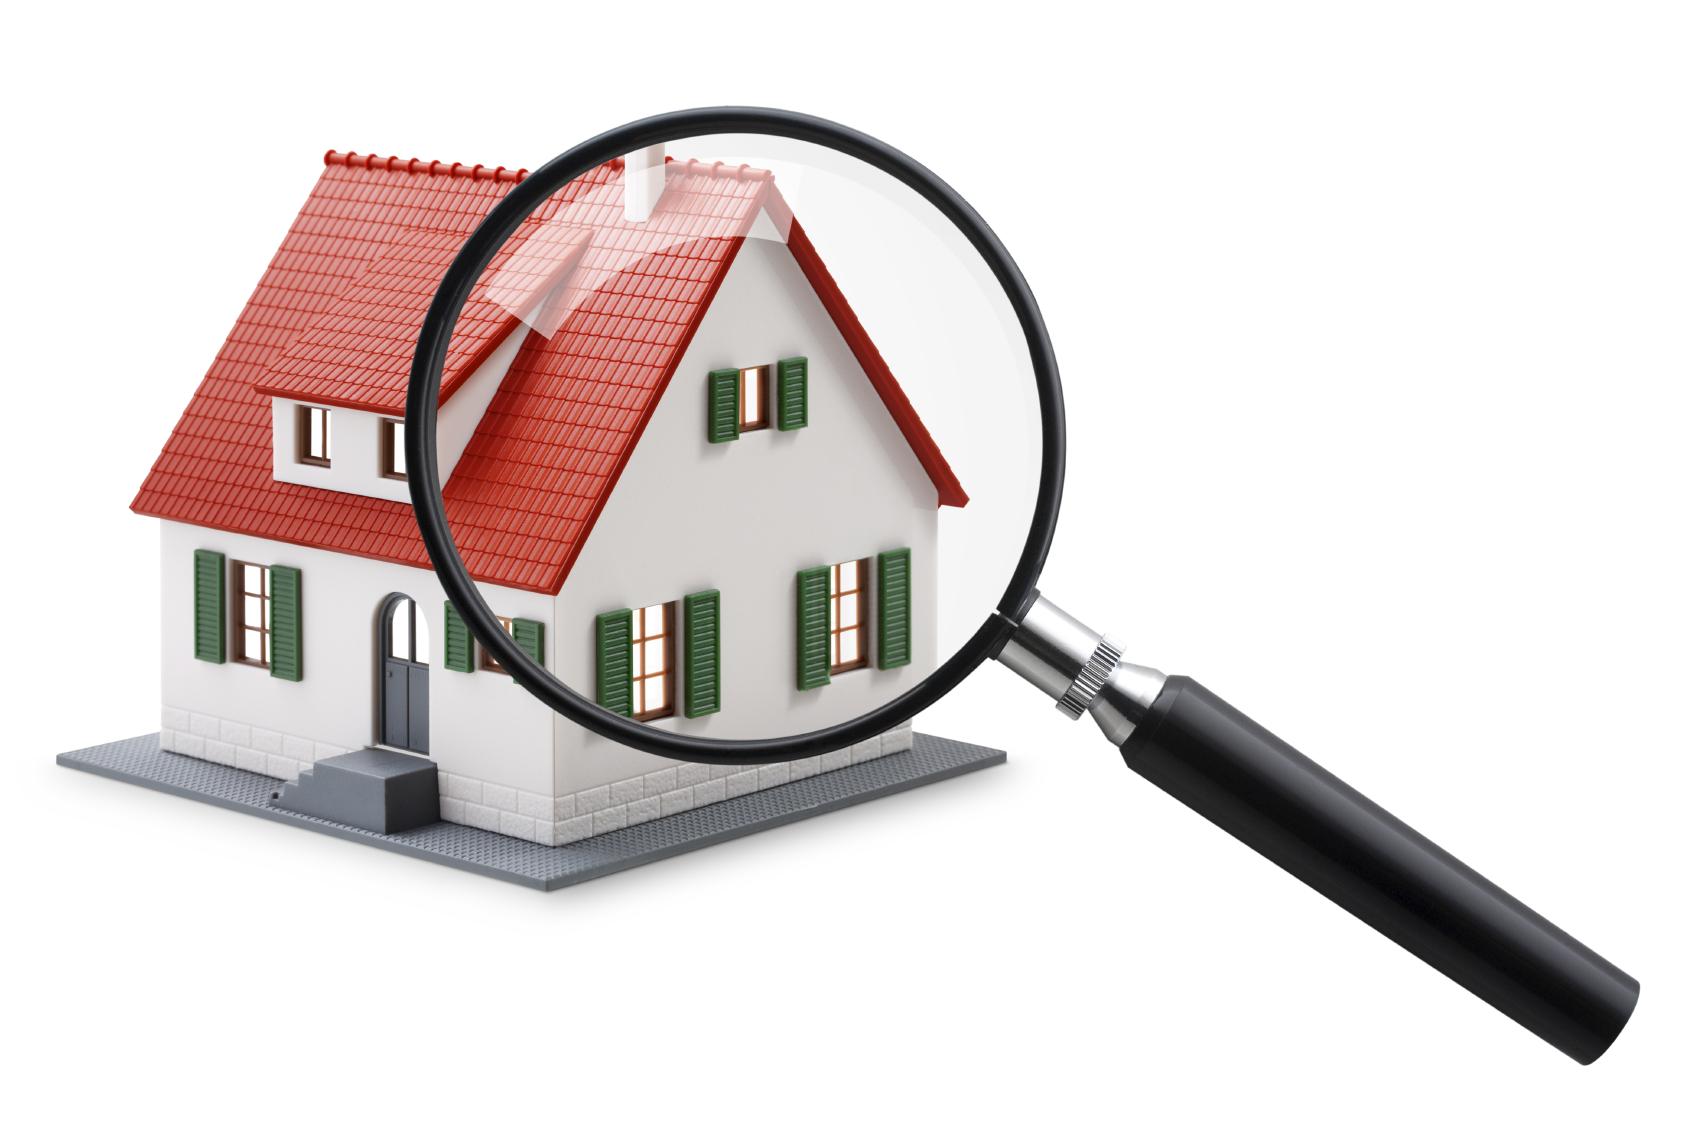 Независимая оценка строения частного дома видом насмешливой